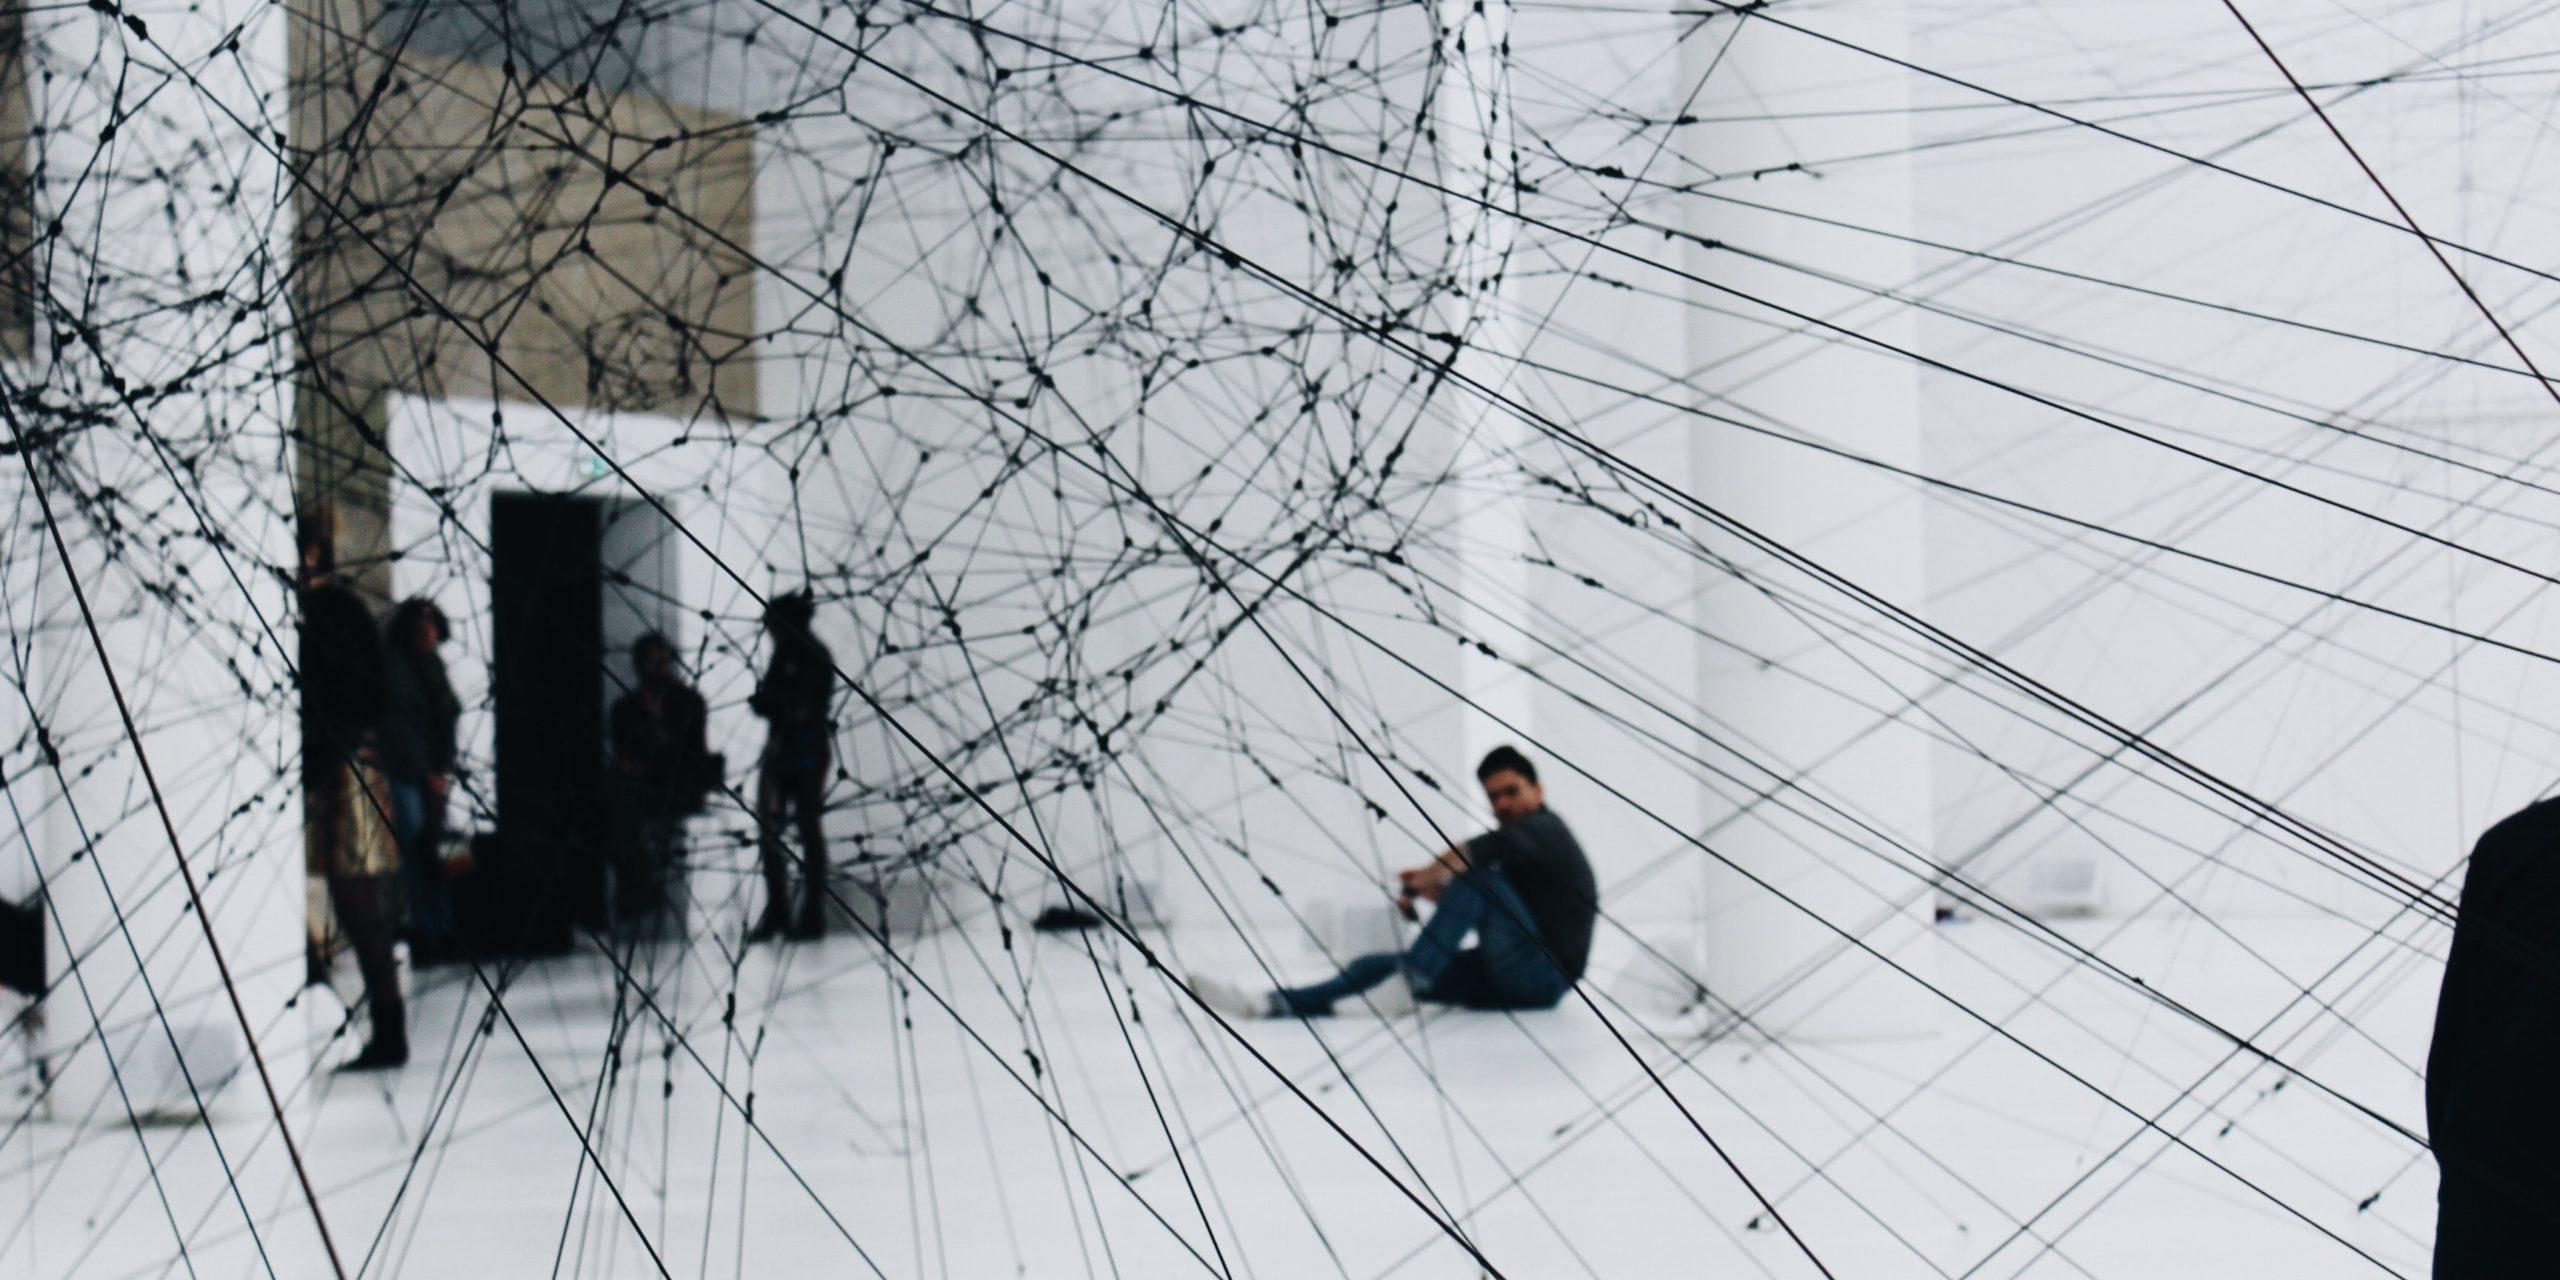 People standing behind a web of strings